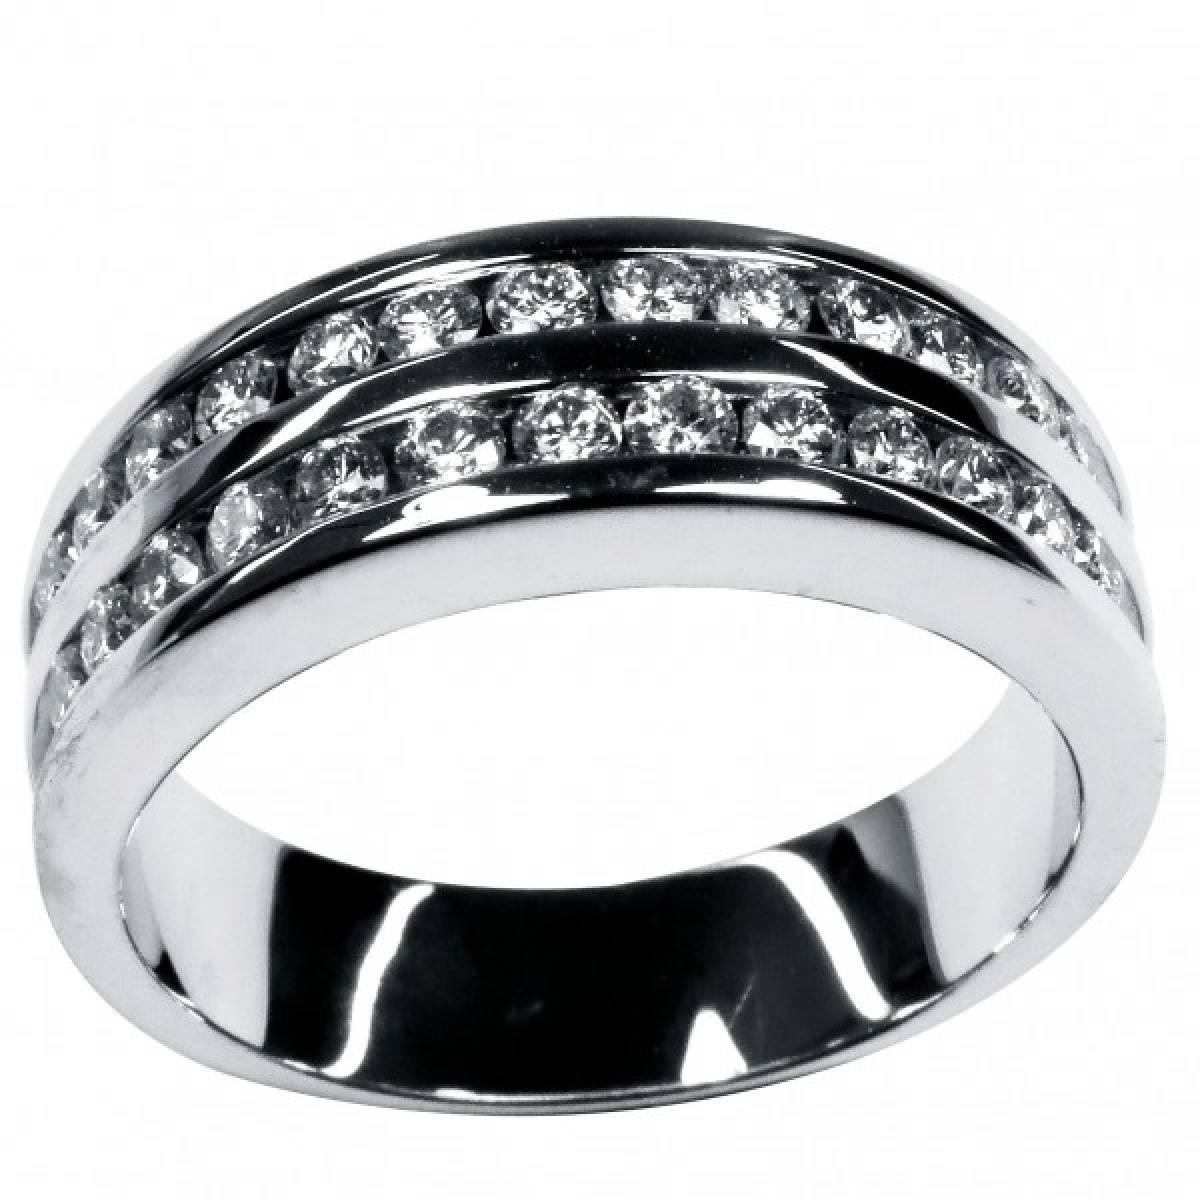 """Anel de Noivado """"PESARUM"""" em ouro branco de 19 kts com diamantes ou safiras"""